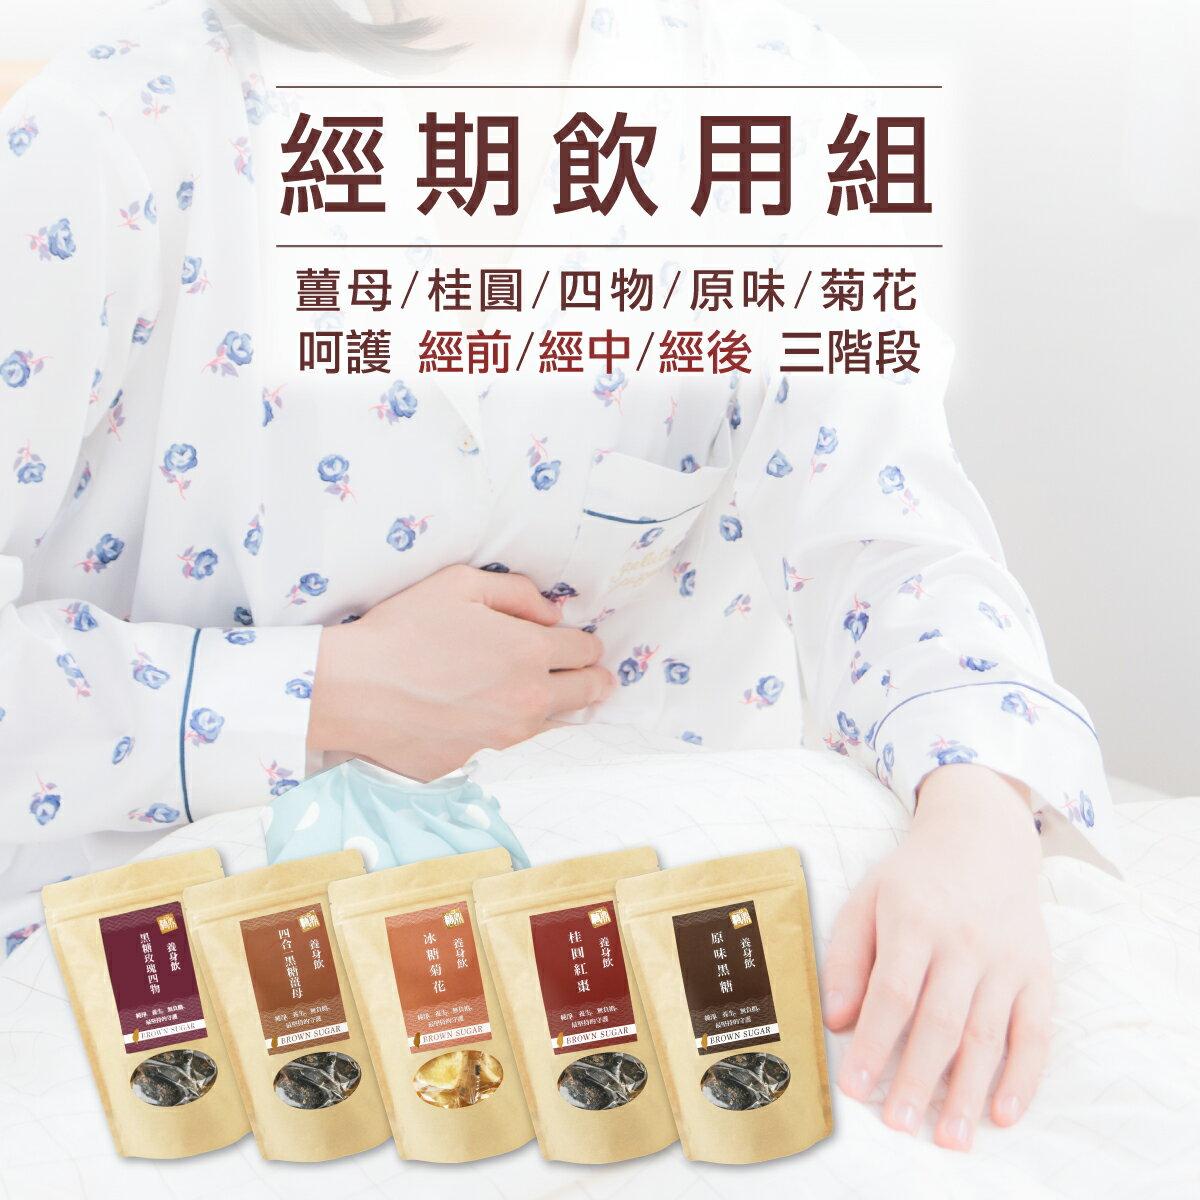 【糖鼎養生茶舖】黑糖茶磚➠生理飲用養生組:4大包+1輕巧包